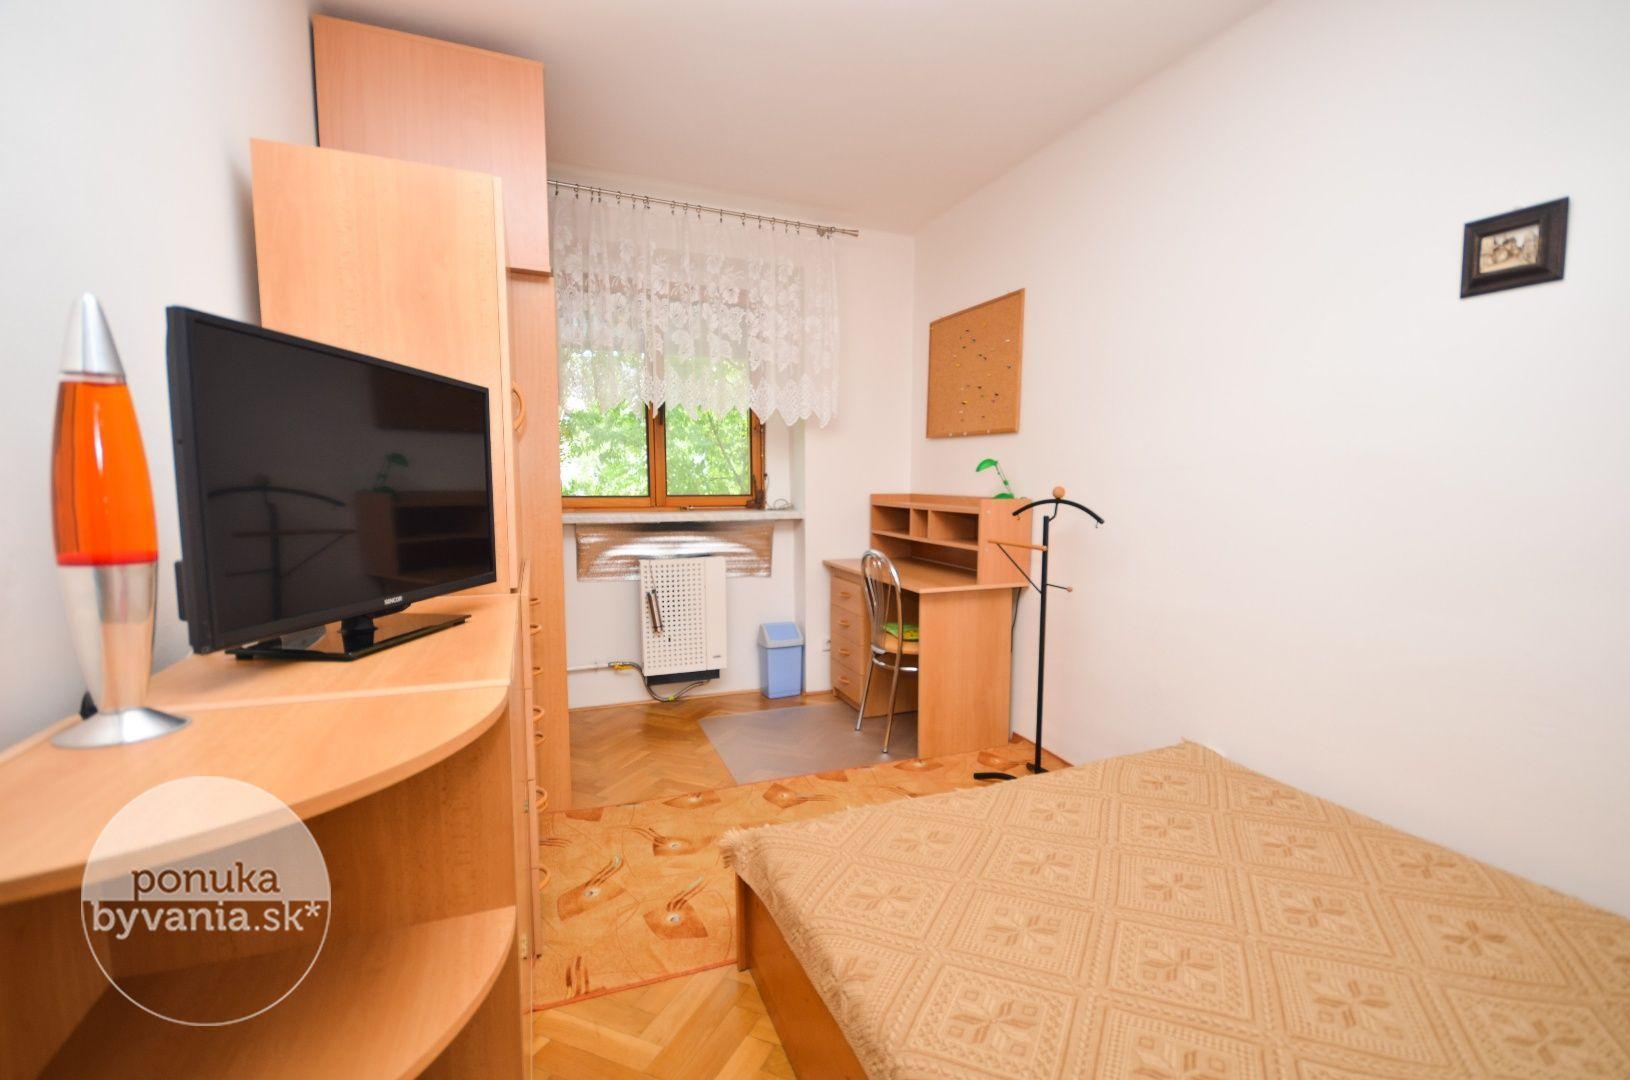 ponukabyvania.sk_Kadnárova_3-izbový-byt_KOVÁČ